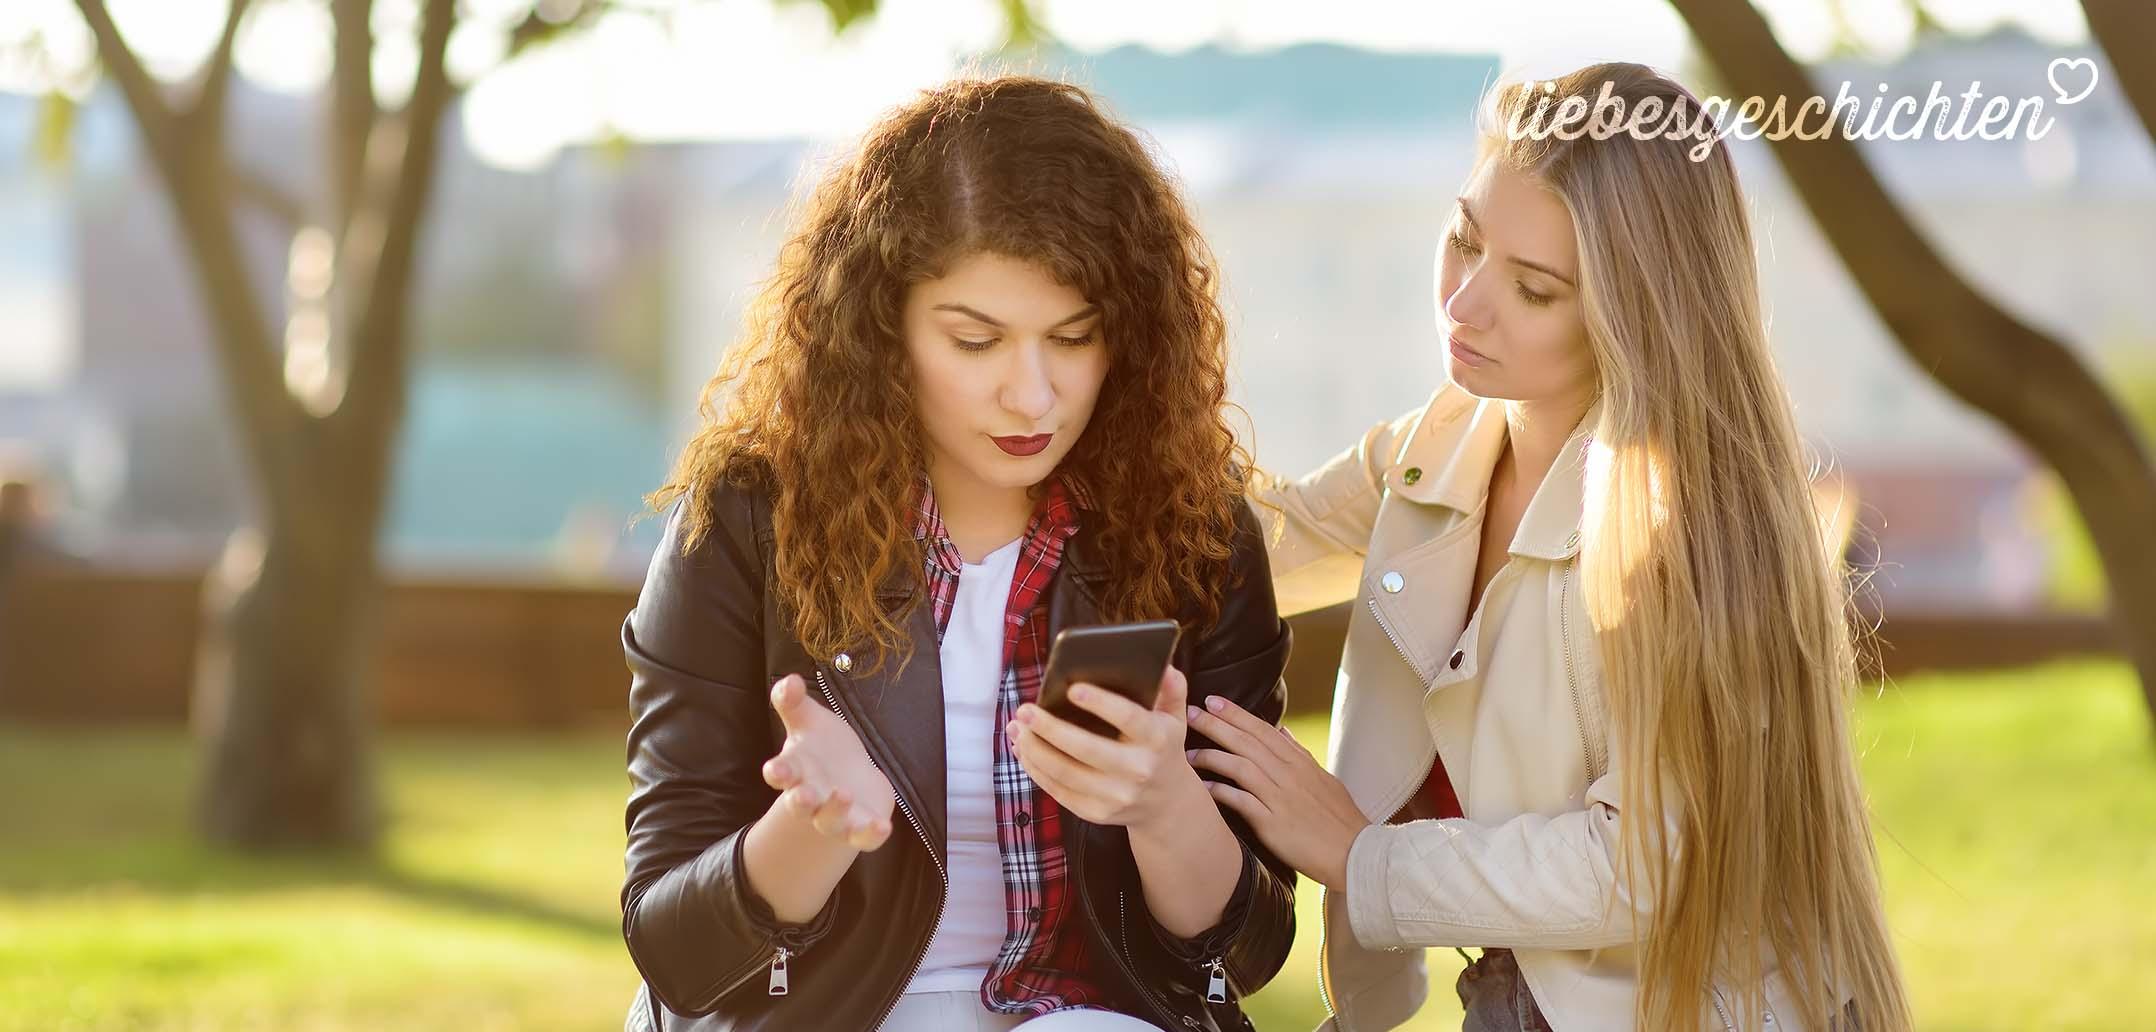 Obwohl wir ein Paar sind, flirtet er online mit anderen